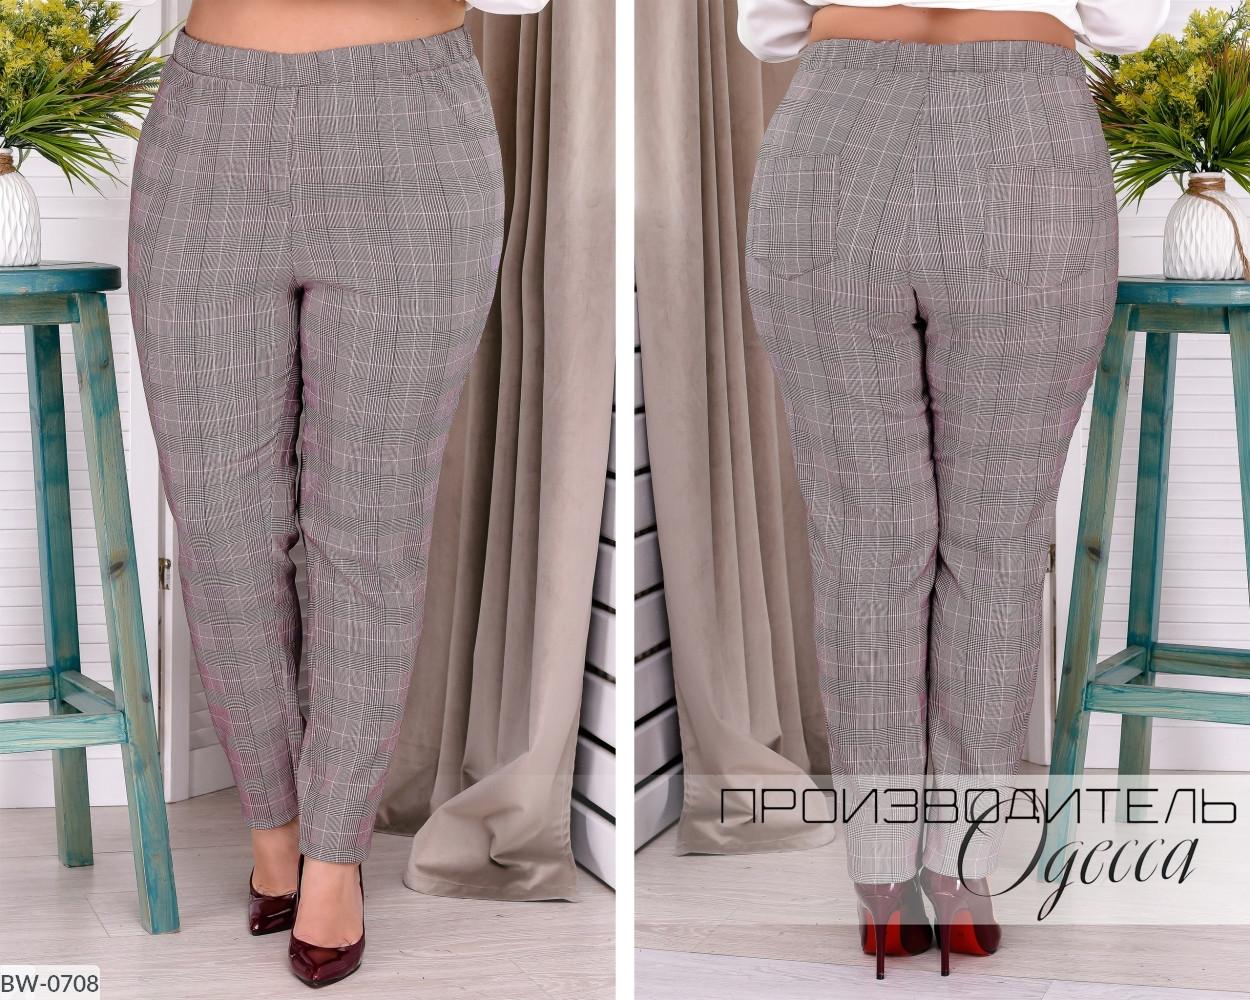 Брюки женские весенние штаны батал размеры 50-52 54-56 58-60 62-64 Новинка 2020 есть цвета